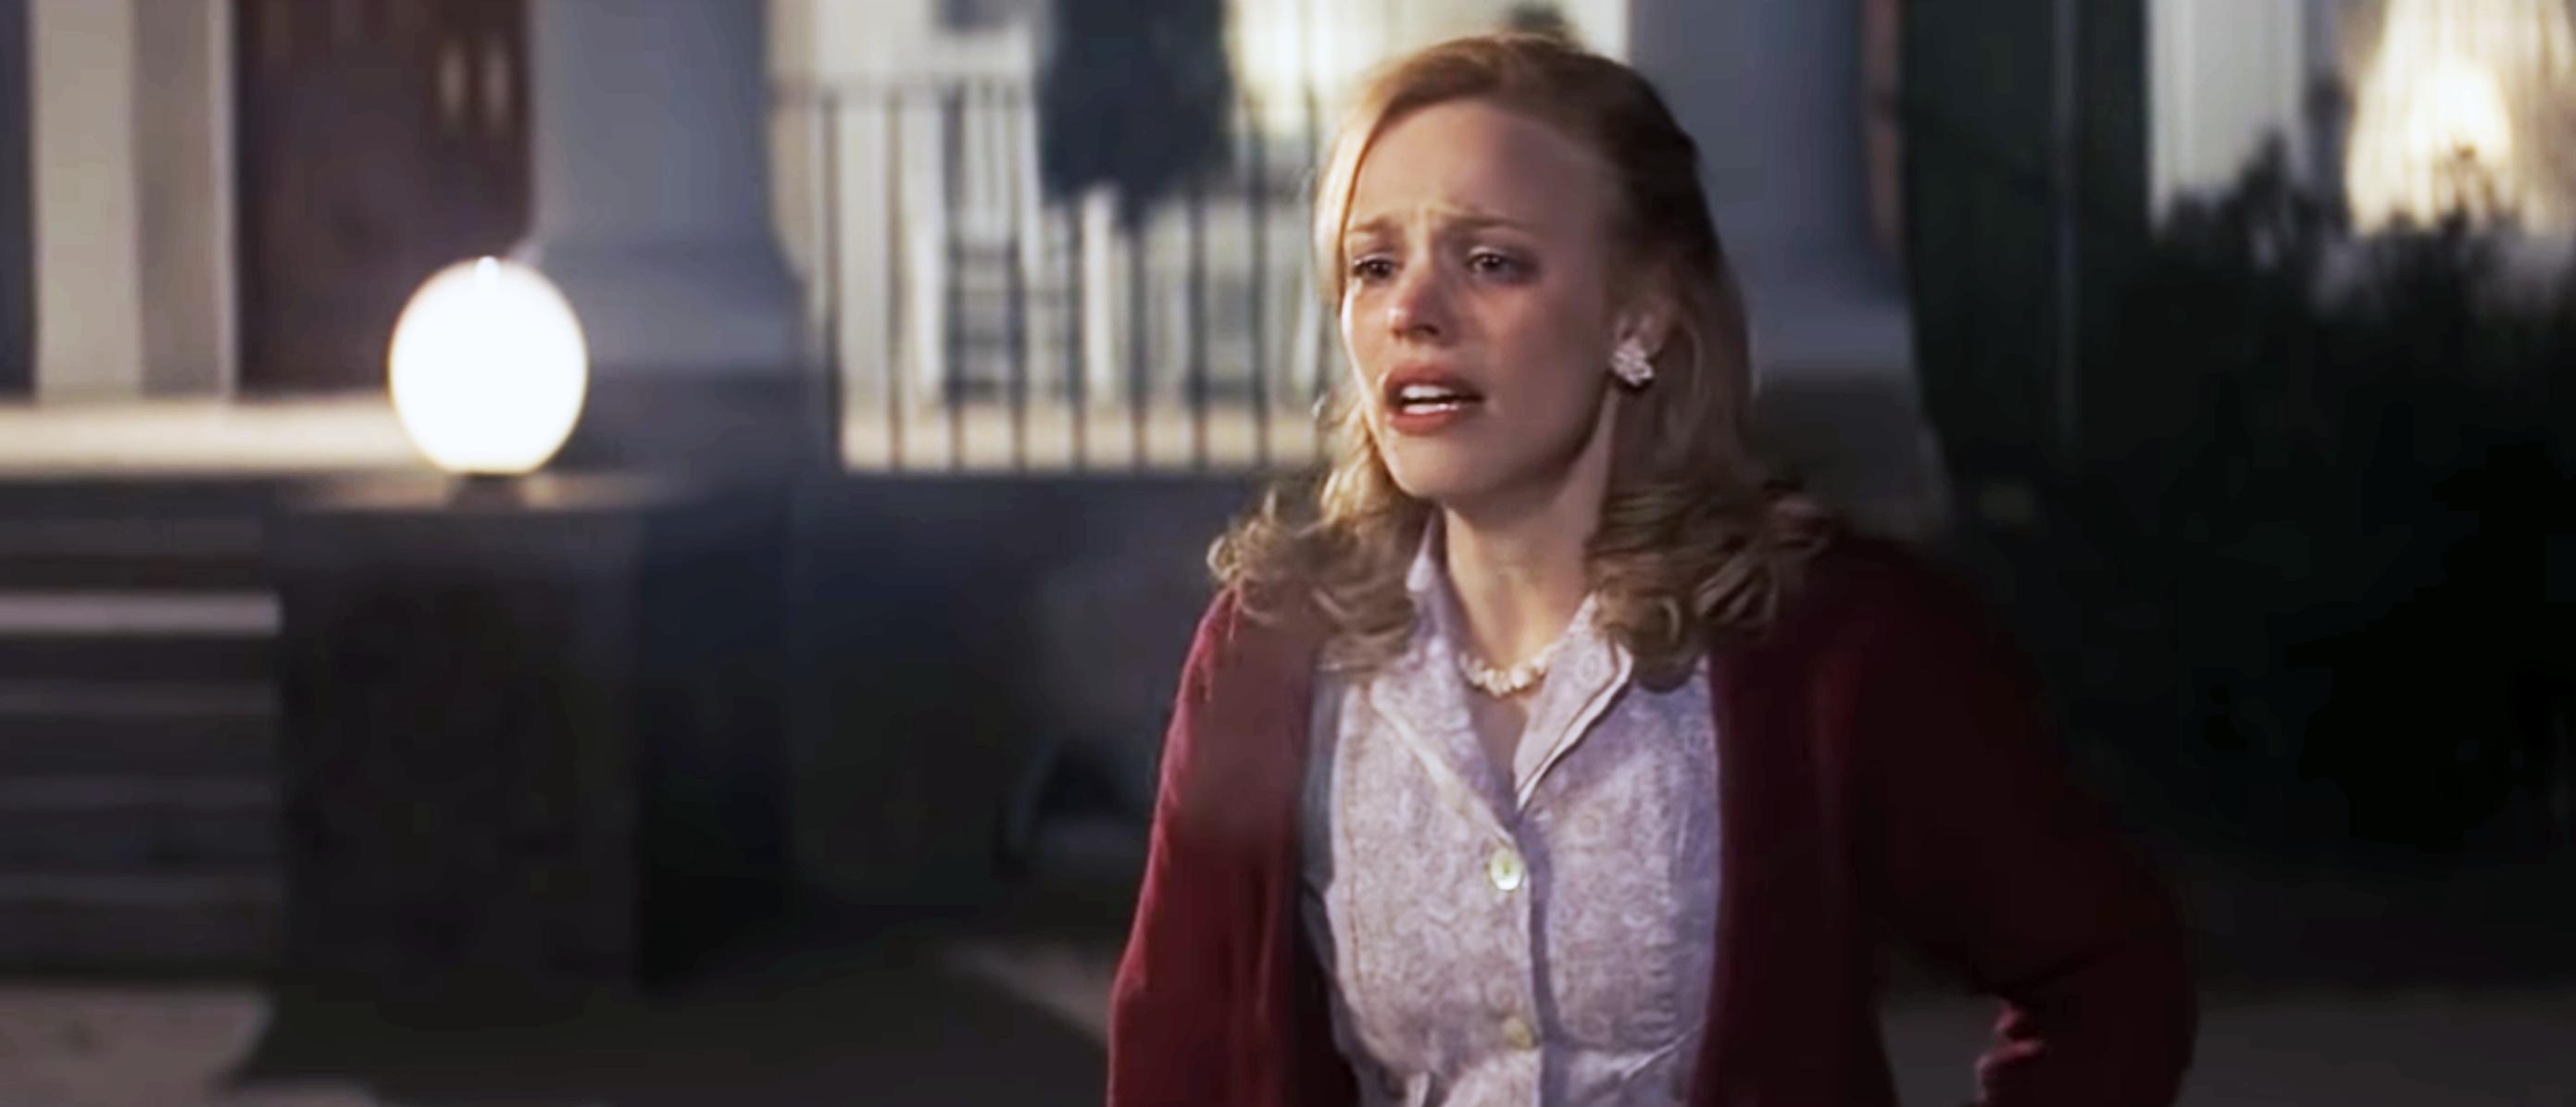 beb8c155db8 Best Breakup Movie Outfits - Best Breakup Looks in Movies